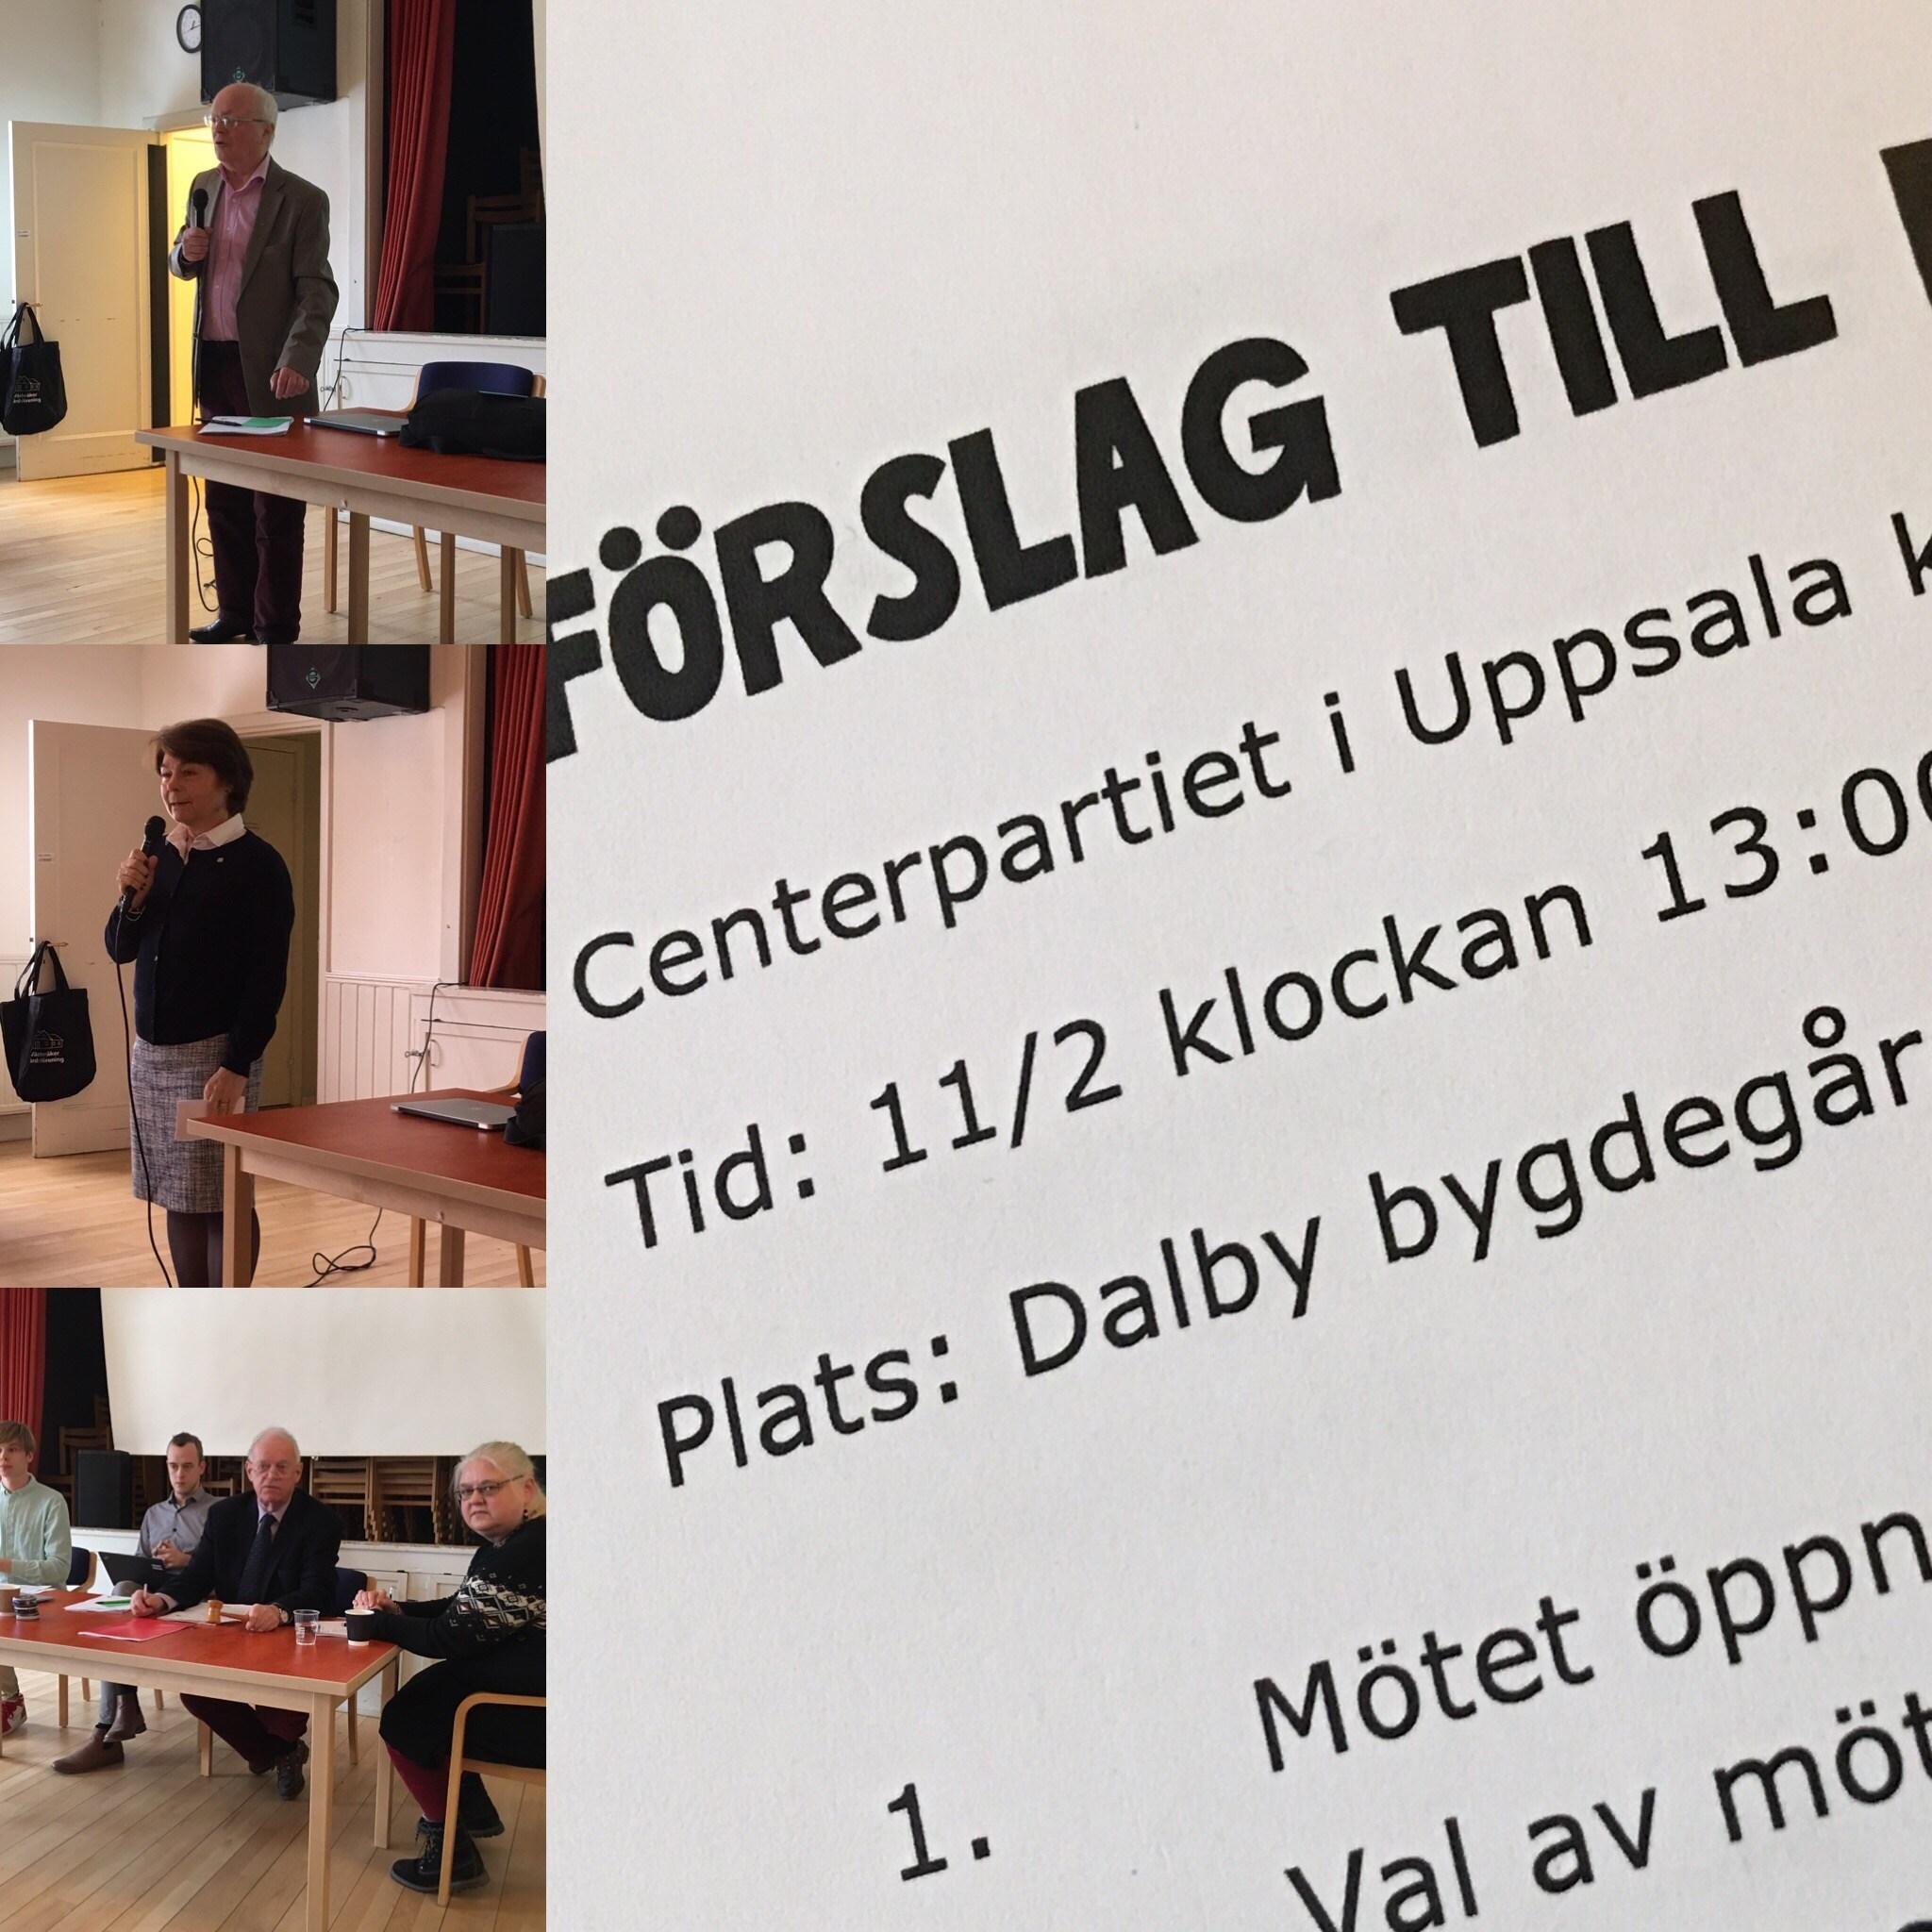 Kretsårsmöte i Uppsala